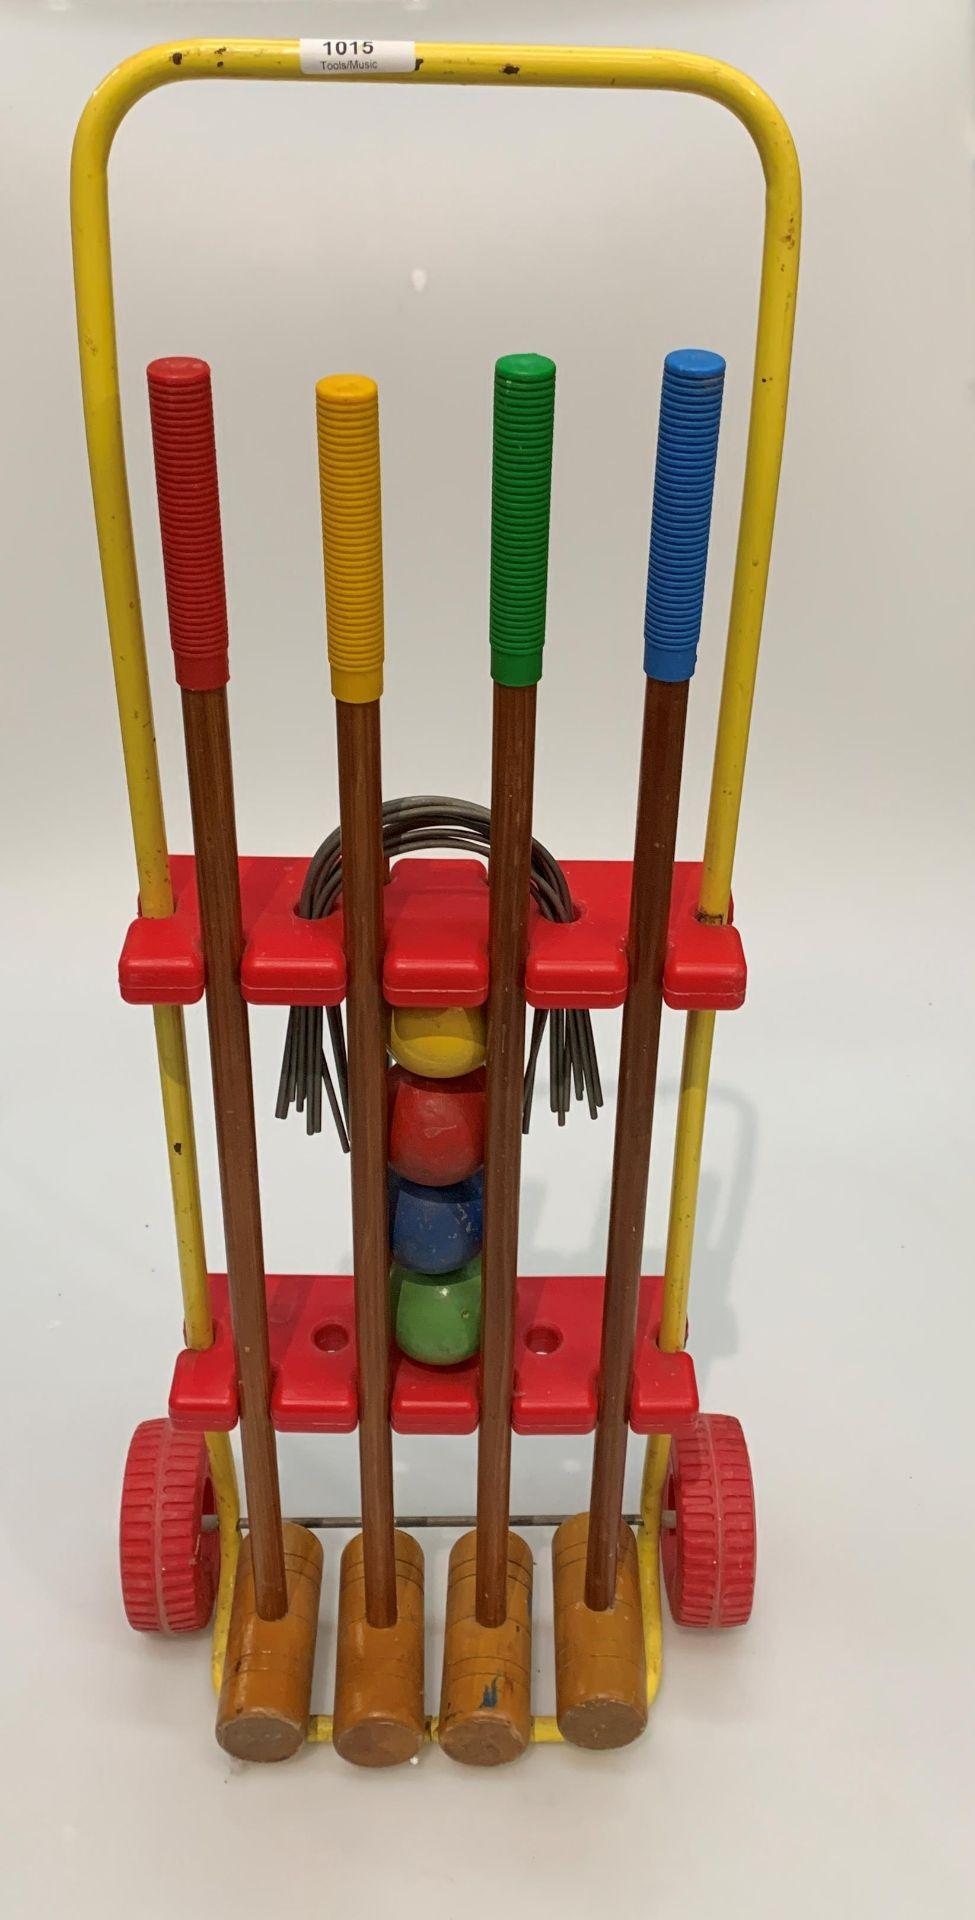 A child's portable croquet set